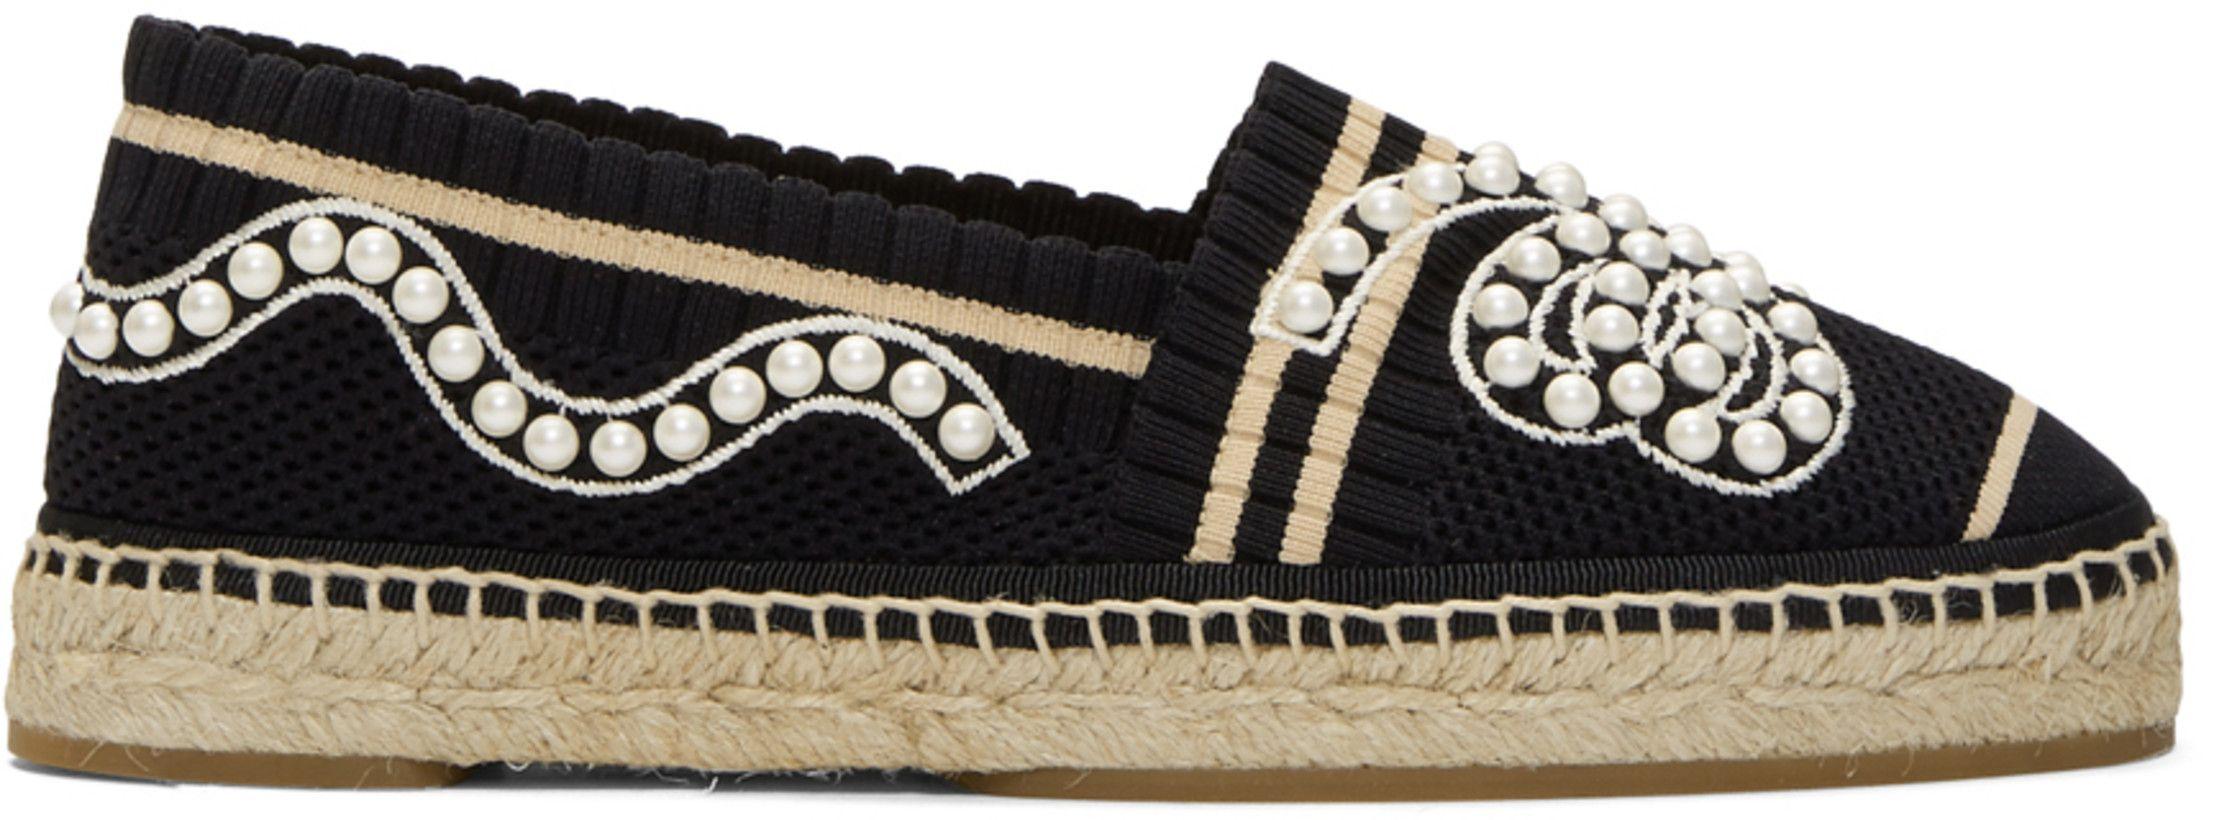 0bc4719a2 Fendi - Espadrilles en maille noires Pearl | shoes | Espadrilles ...